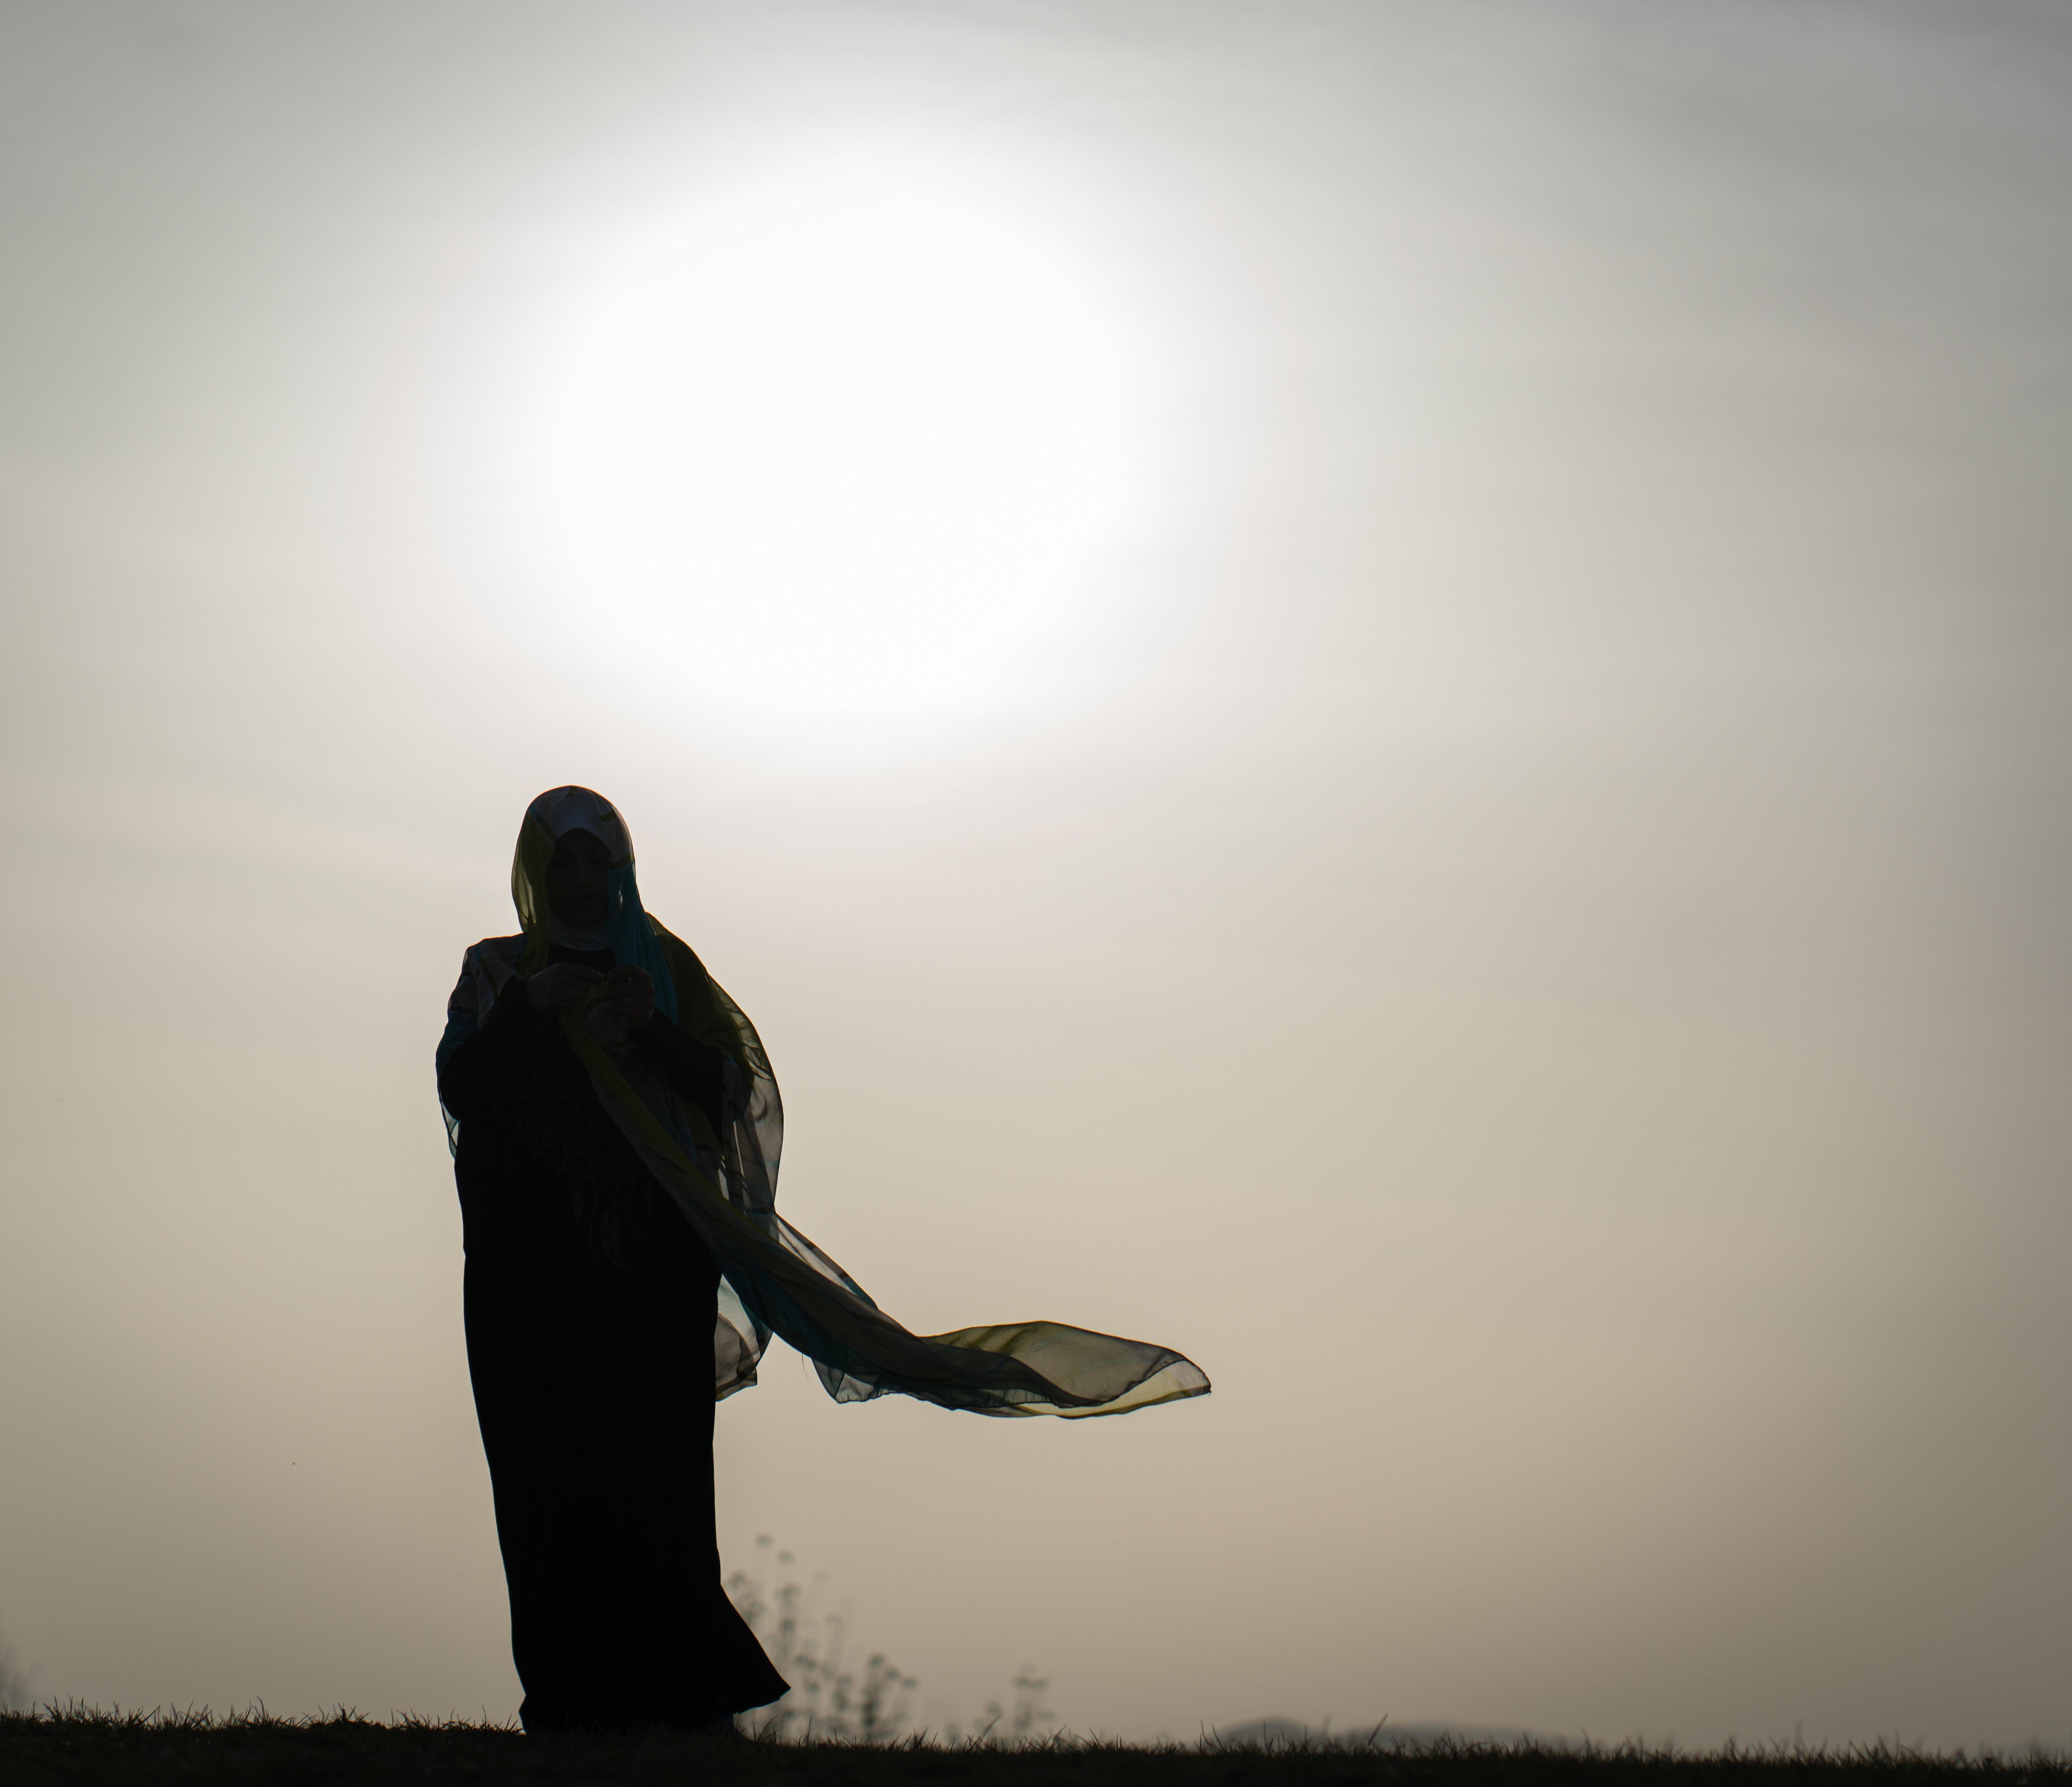 Περίοδος και Ραμαζάνι: Όταν οι γυναίκες κρύβονται για να φάνε και να πιουν